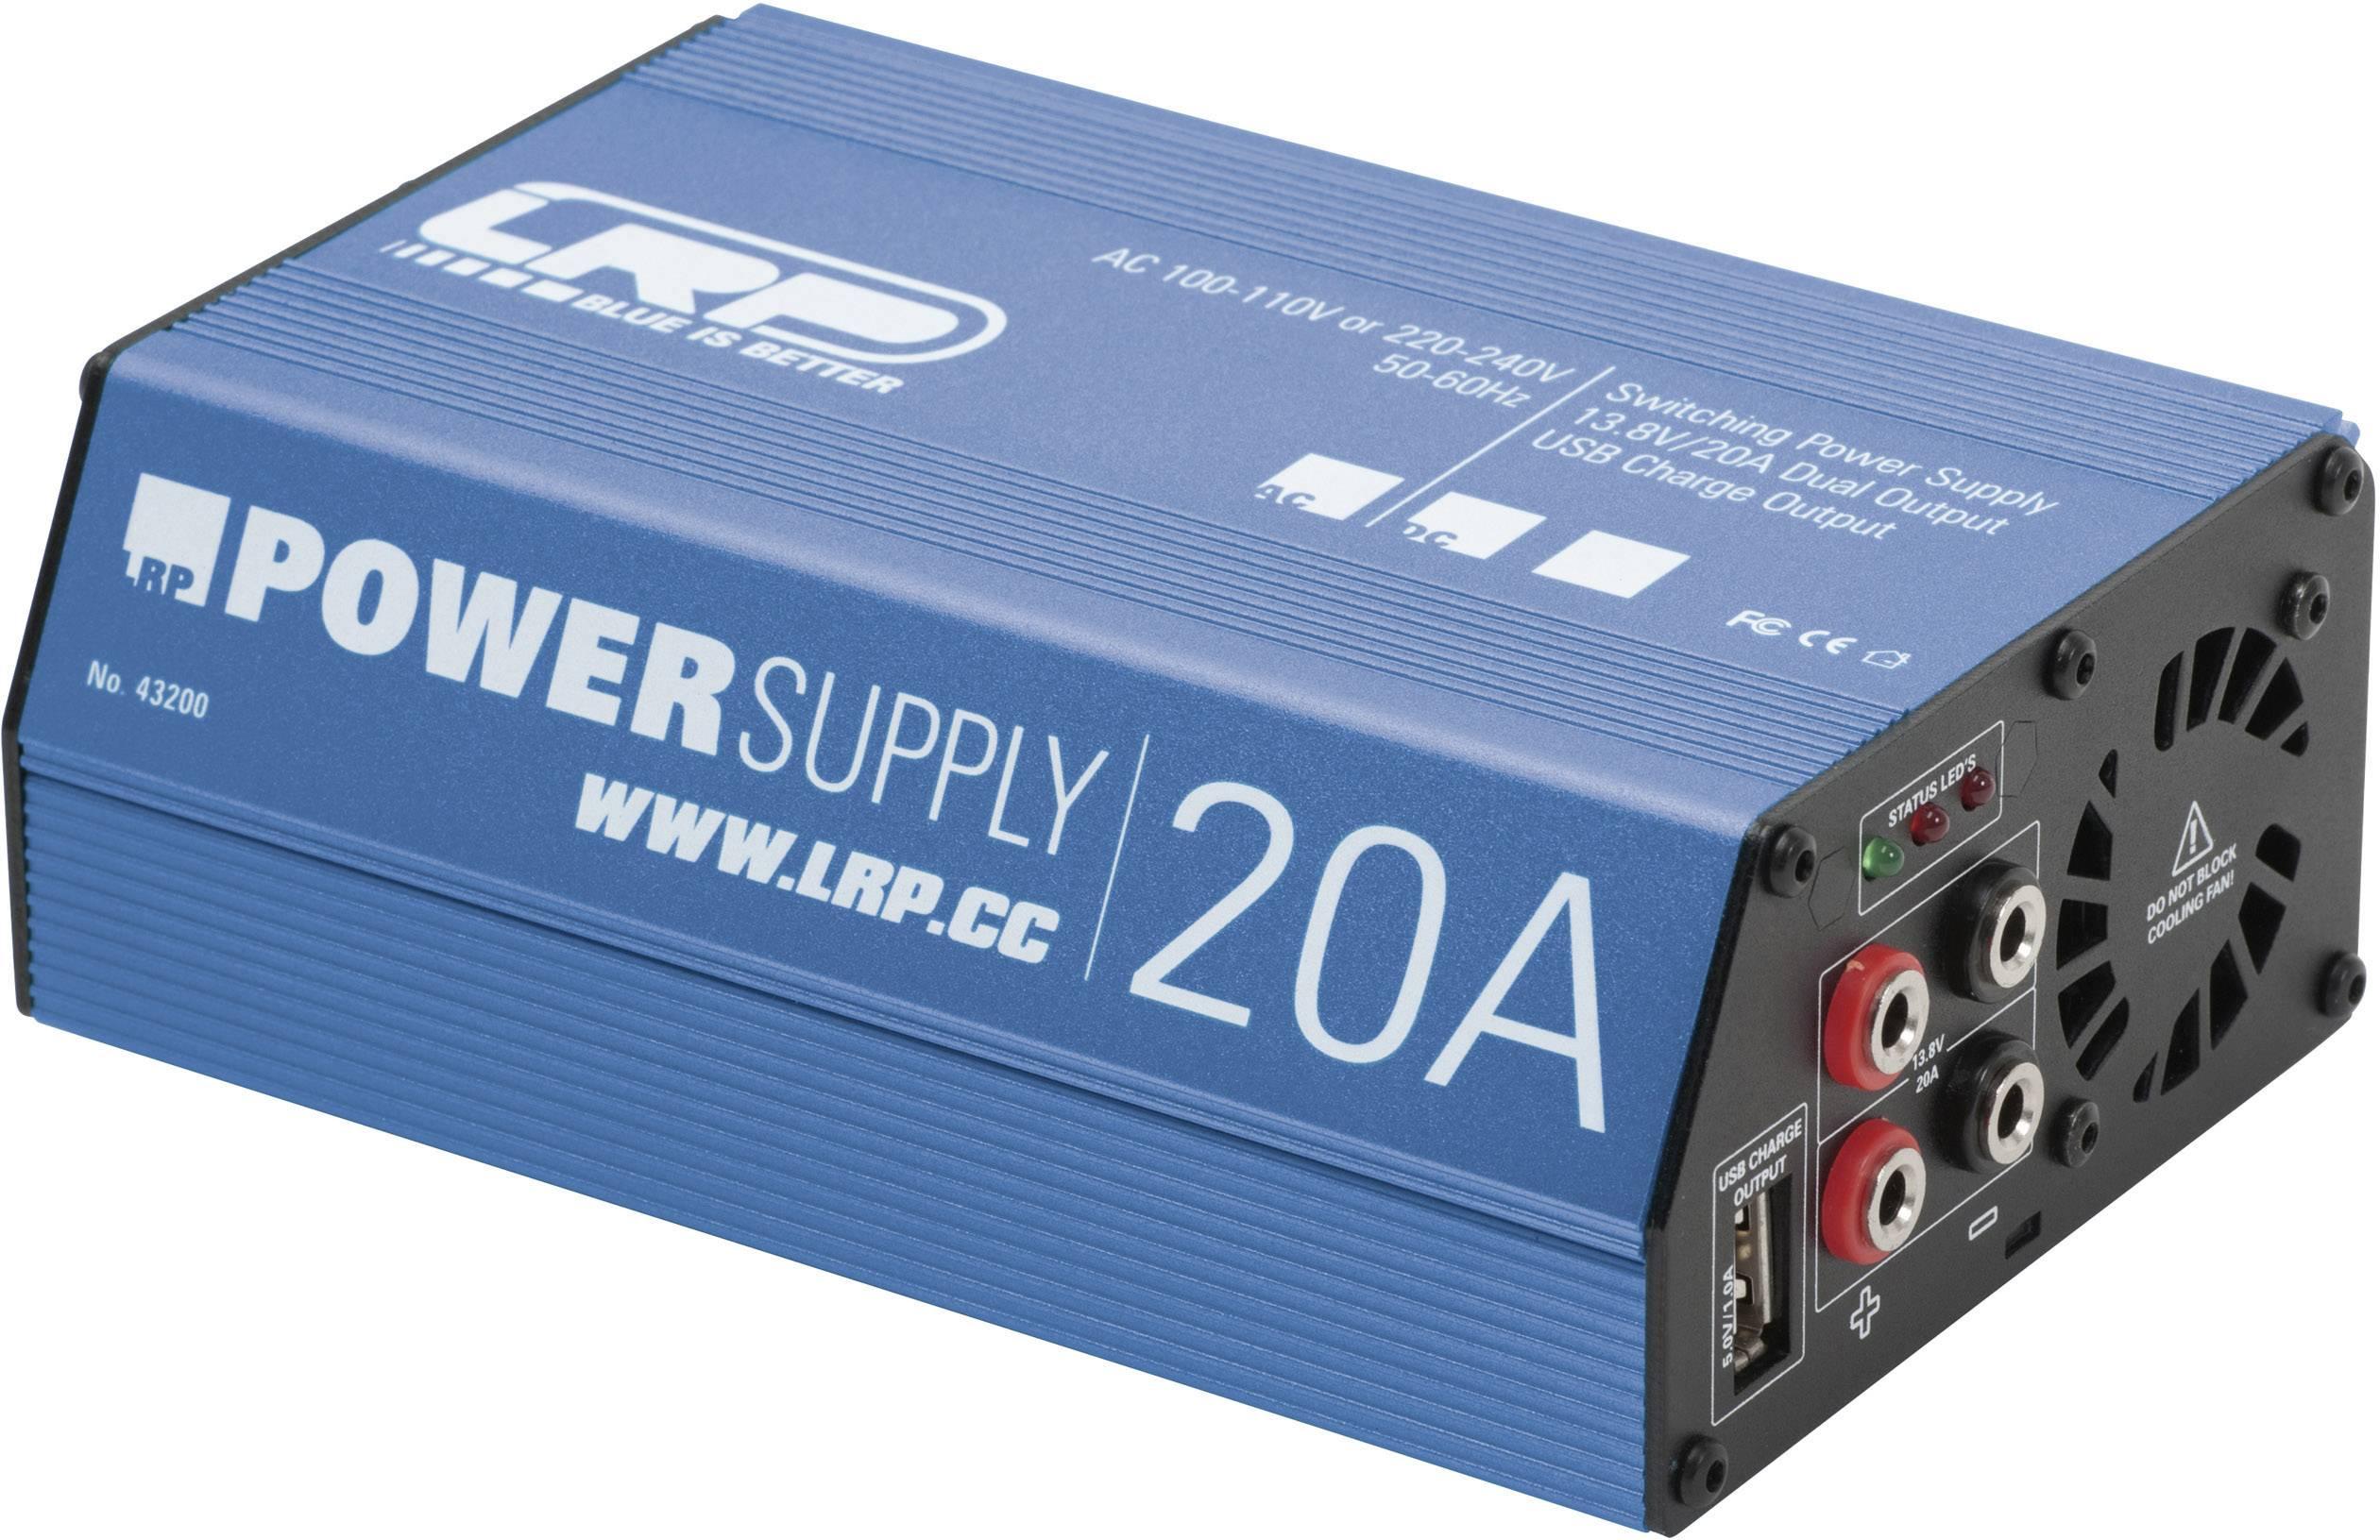 Sieťový zdroj pro modeláře LRP Electronic Competition 43200, 110 V/AC, 230 V/AC, 20 A